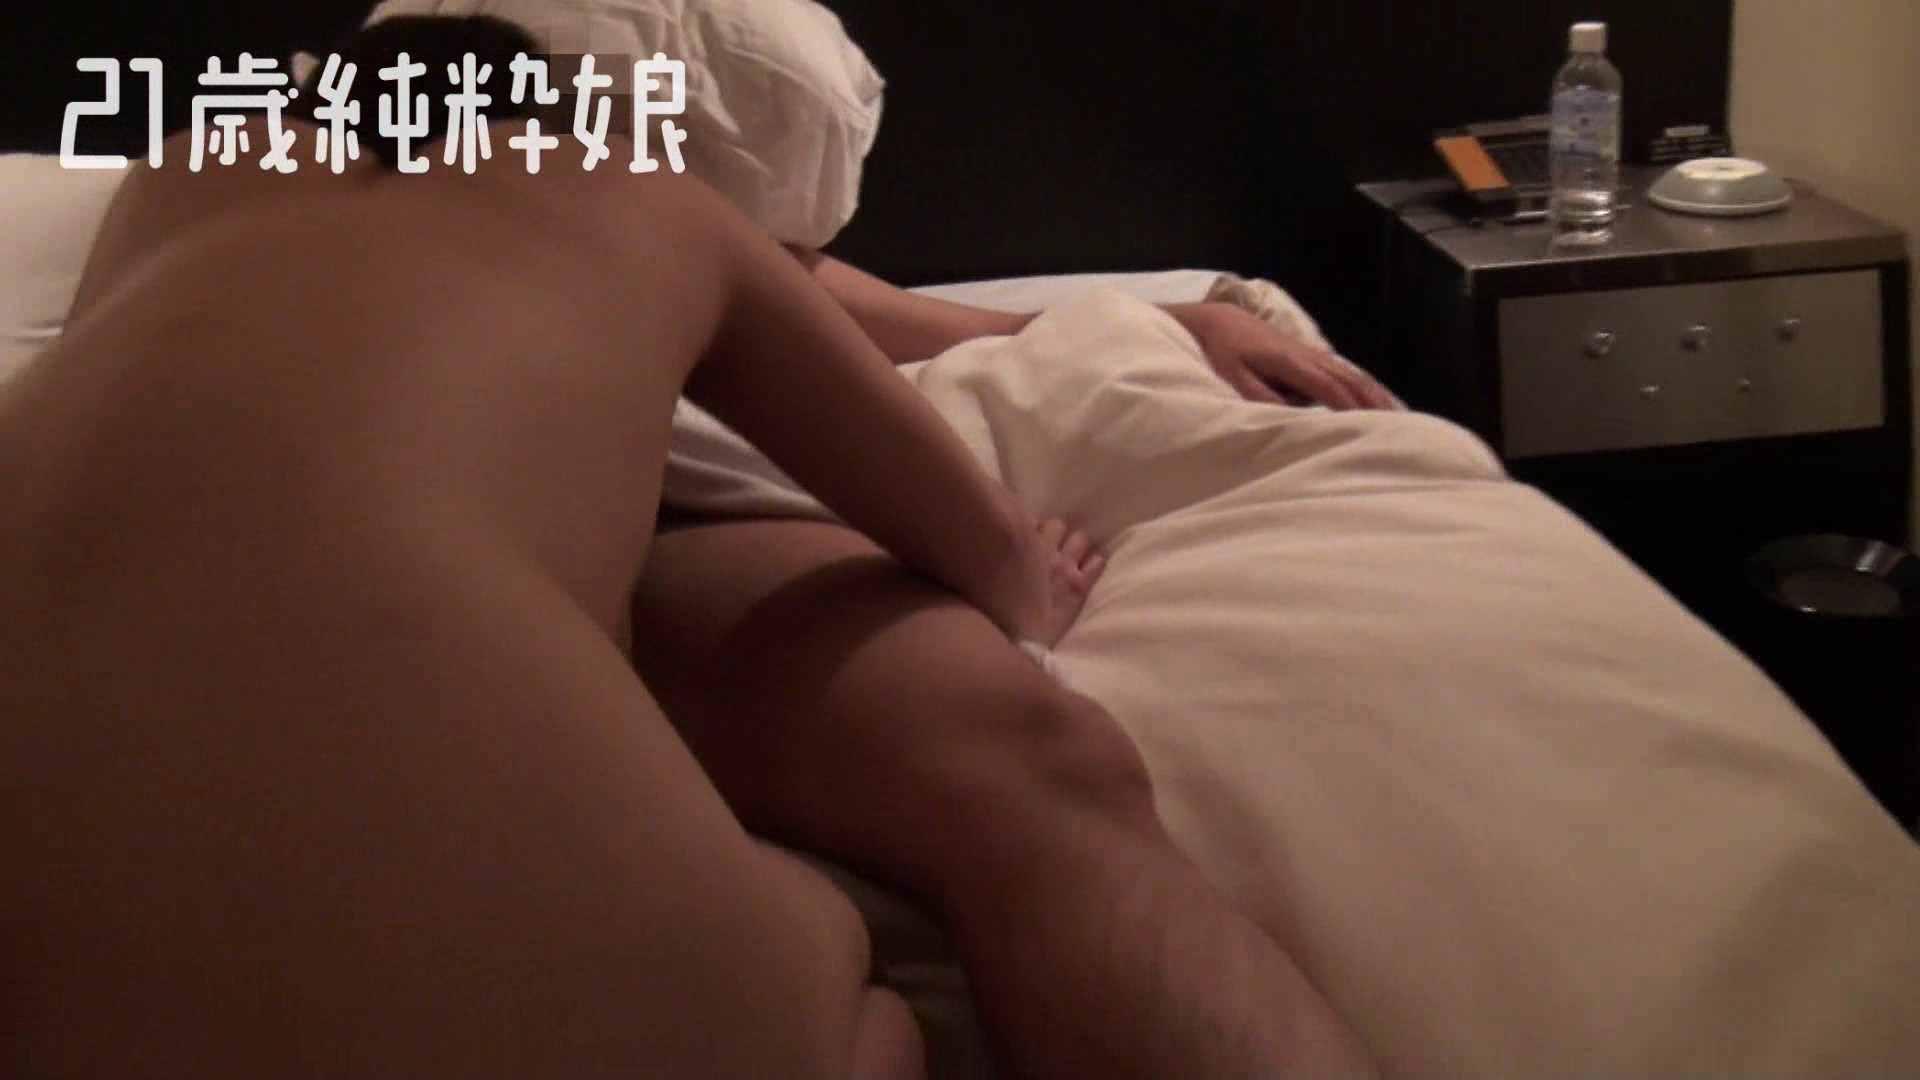 Gカップ21歳純粋嬢第2弾Vol.4 性欲丸出し   HなOL  69pic 5